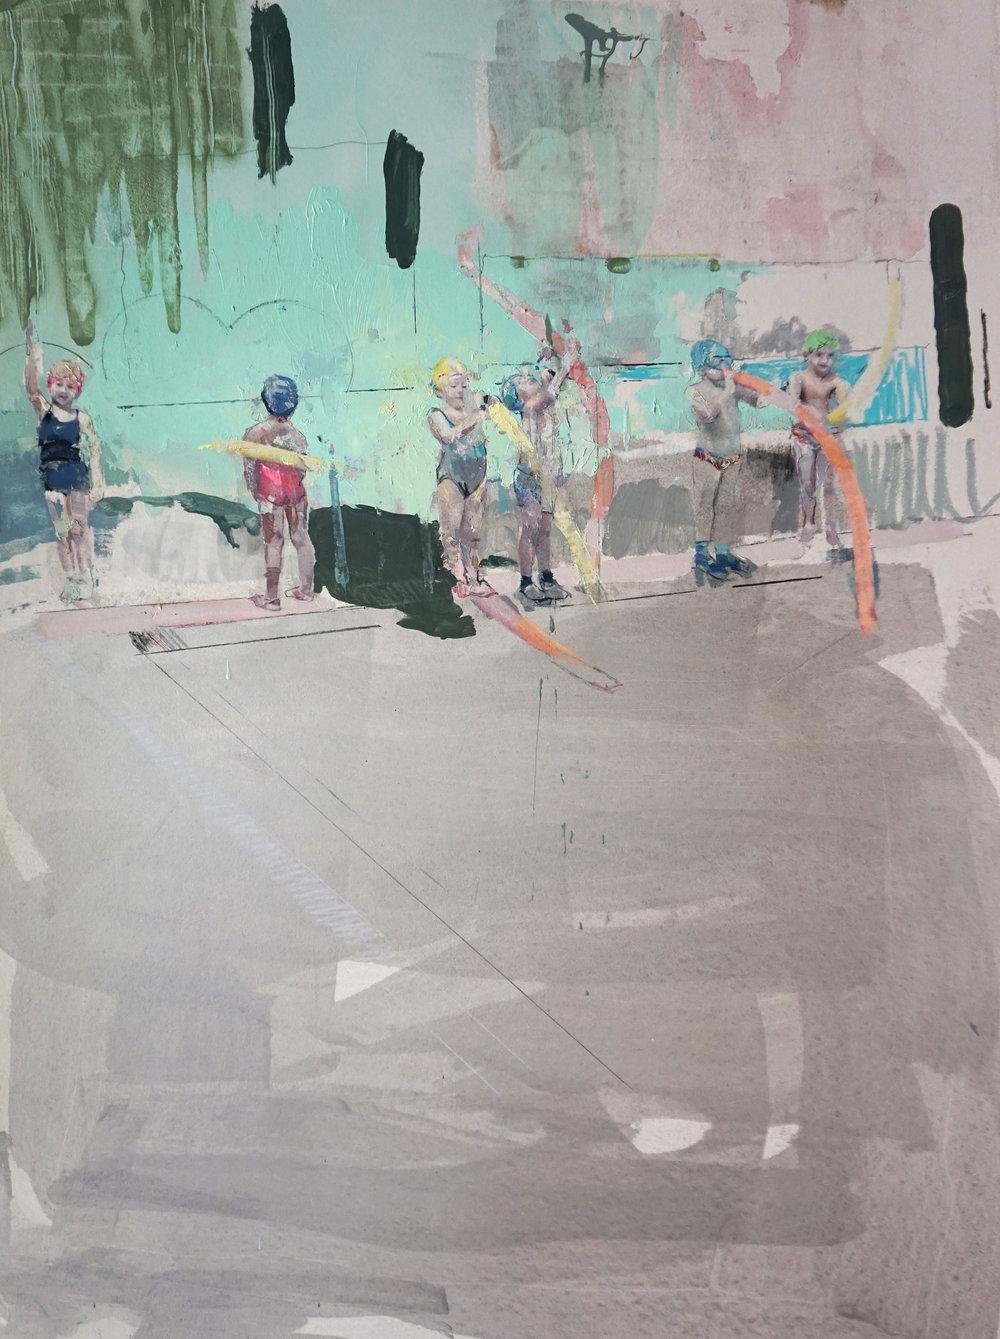 Long Forgotten Days - 110 x 75 cm